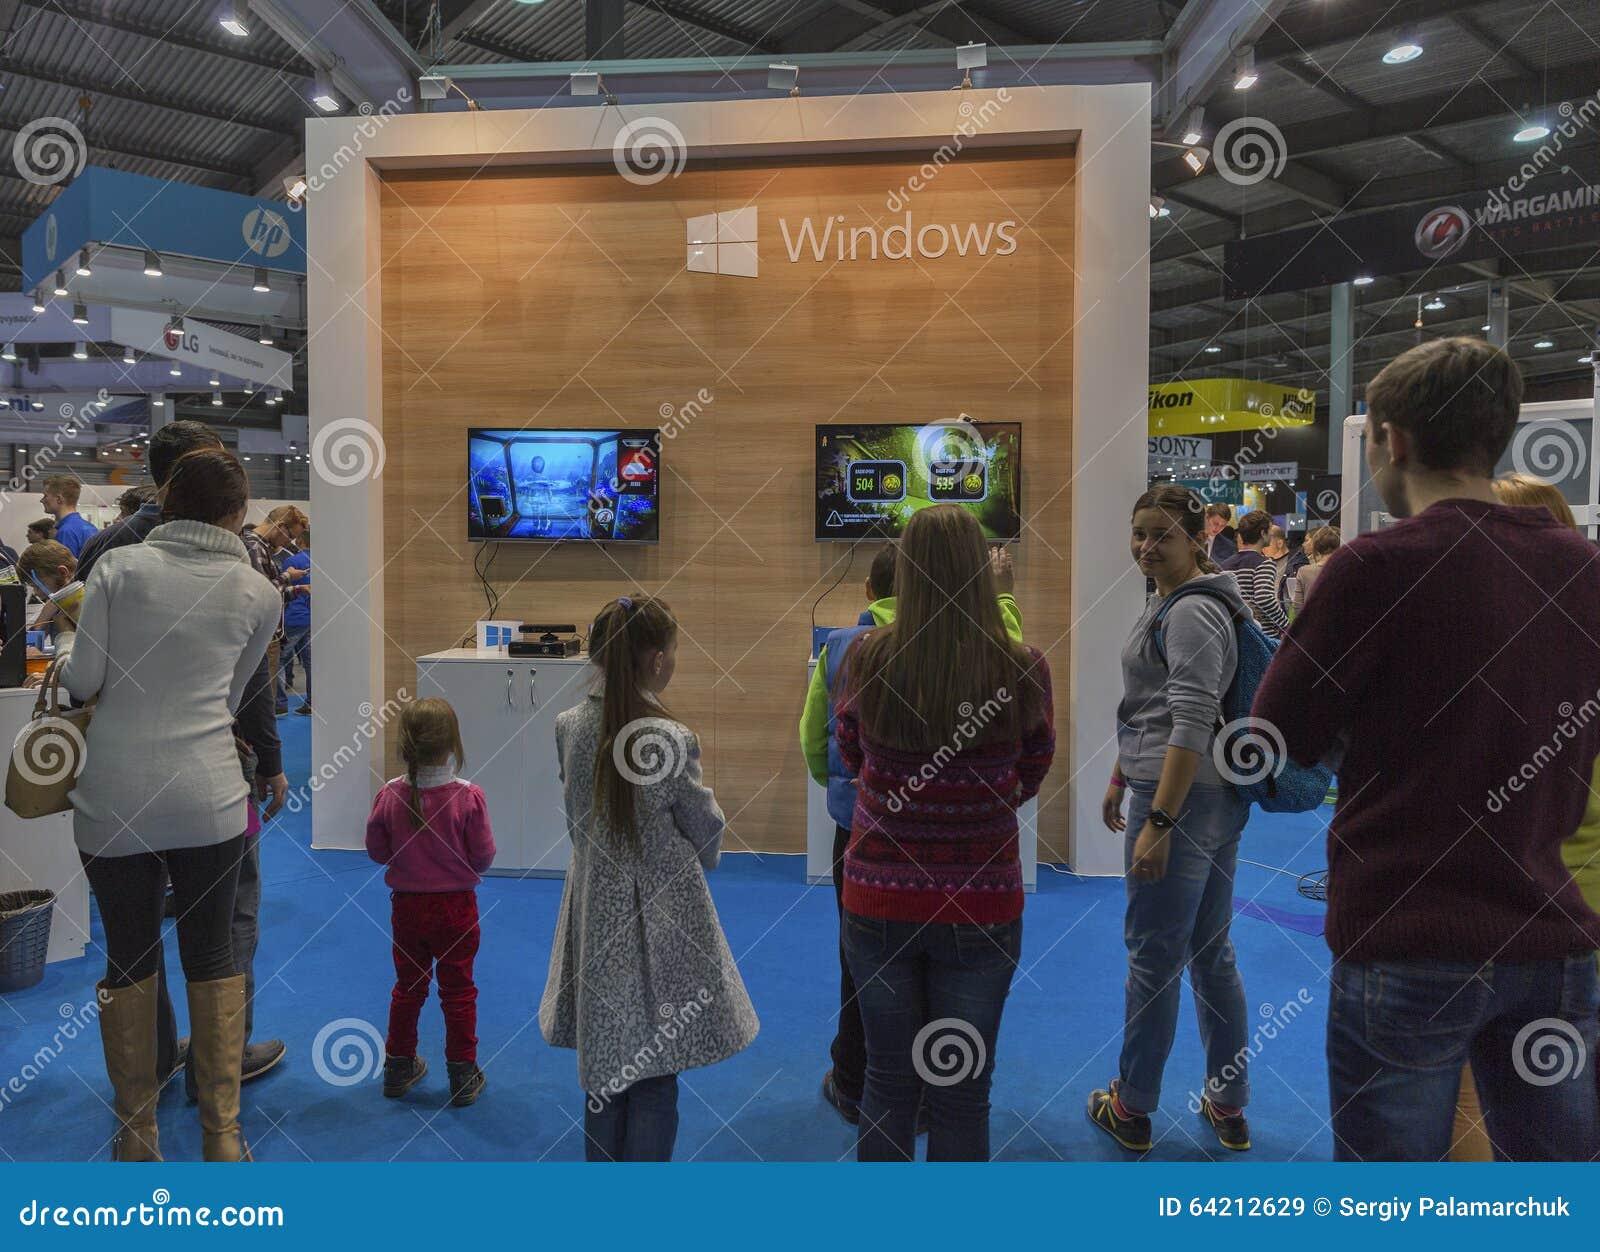 Cabina de la compañía de Microsoft en la ECO 2015, la feria profesional más grande de la electrónica de Ucrania